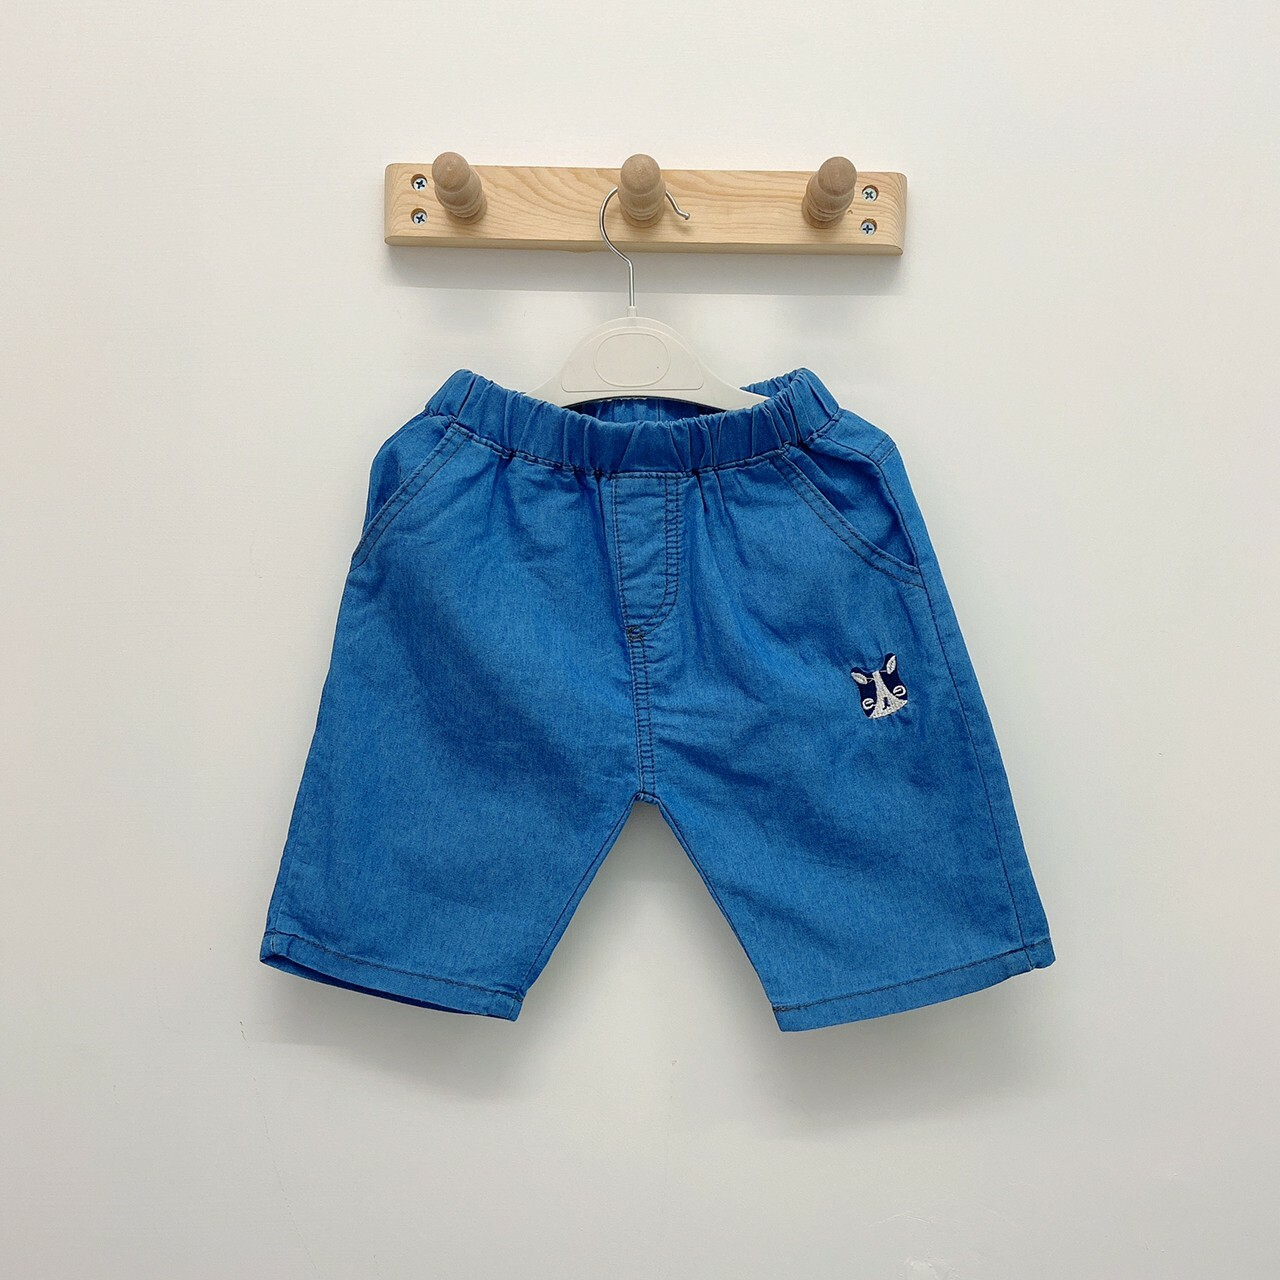 褲裙短 五~七分褲_210803_11.jpg